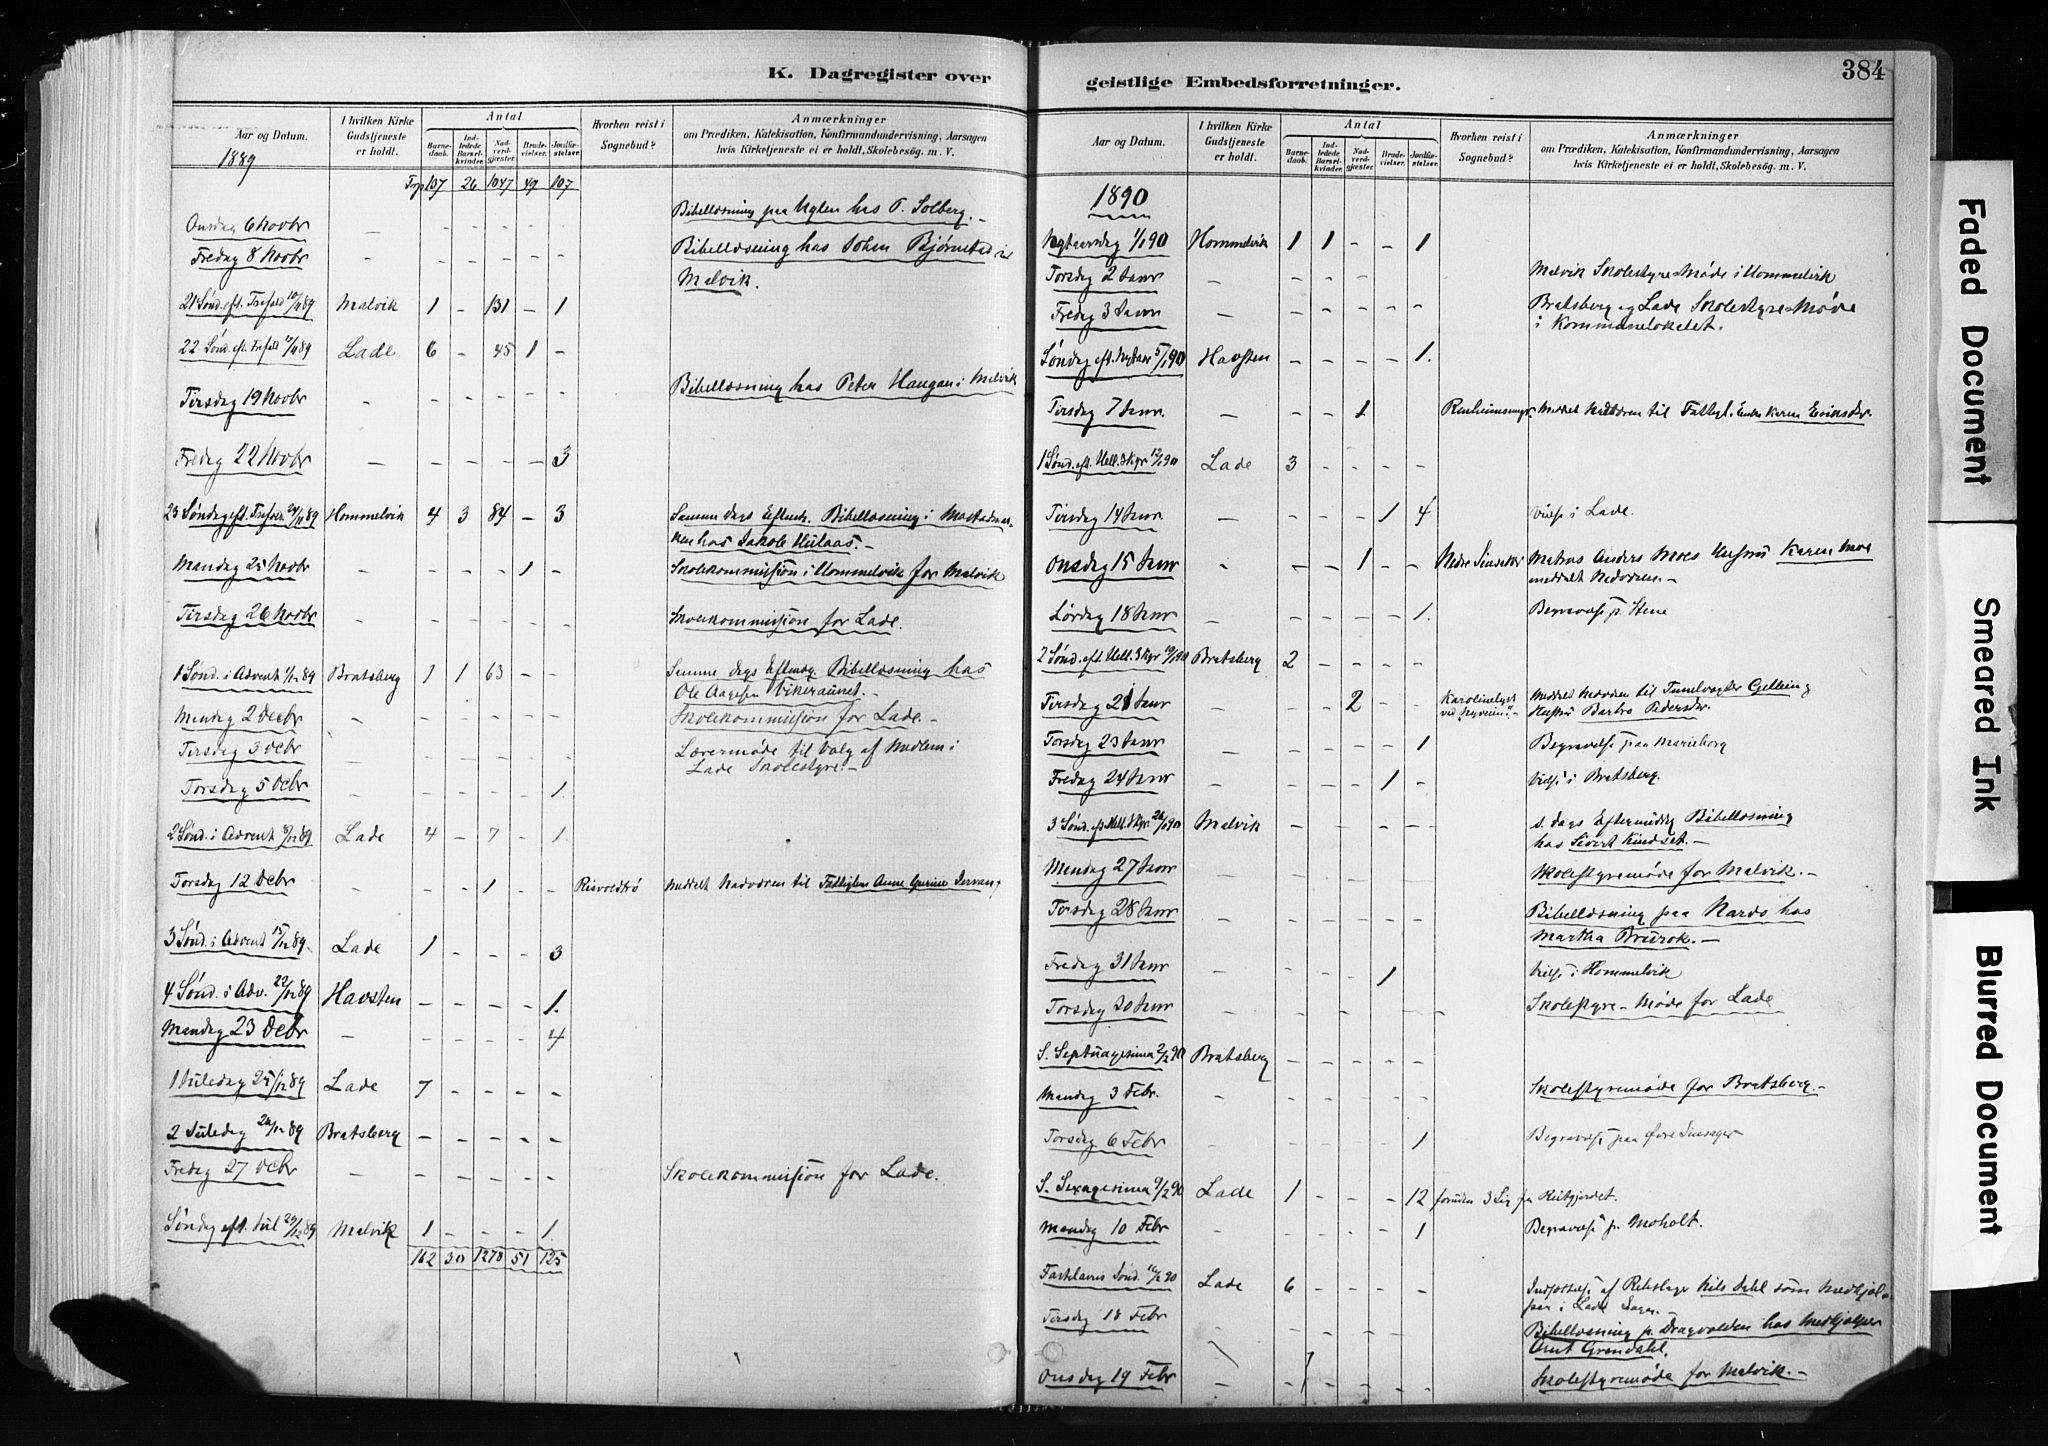 SAT, Ministerialprotokoller, klokkerbøker og fødselsregistre - Sør-Trøndelag, 606/L0300: Ministerialbok nr. 606A15, 1886-1893, s. 384